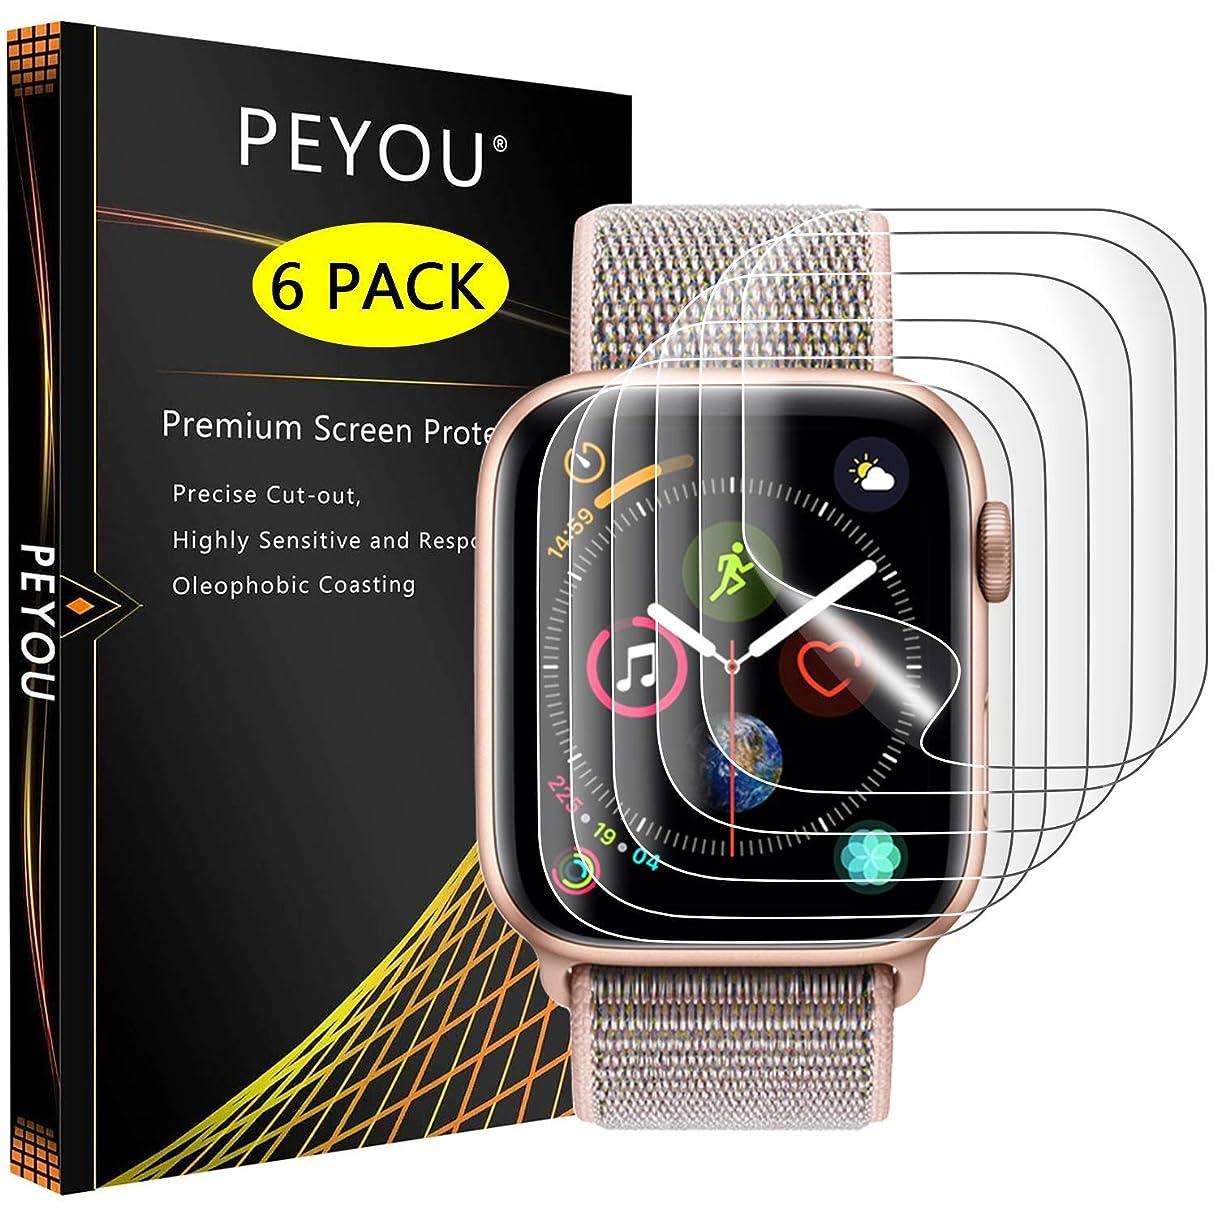 いま追放するラブ『6枚入り全面保護』Apple Watch Series4/5 フィルム 44mm PEYOU【Apple Watch 1/2/3 42mmも対応】アップルウォッチ4 フィルム 44mm TPU製【水貼り】12時間内に気泡が消える 防指紋 高光沢